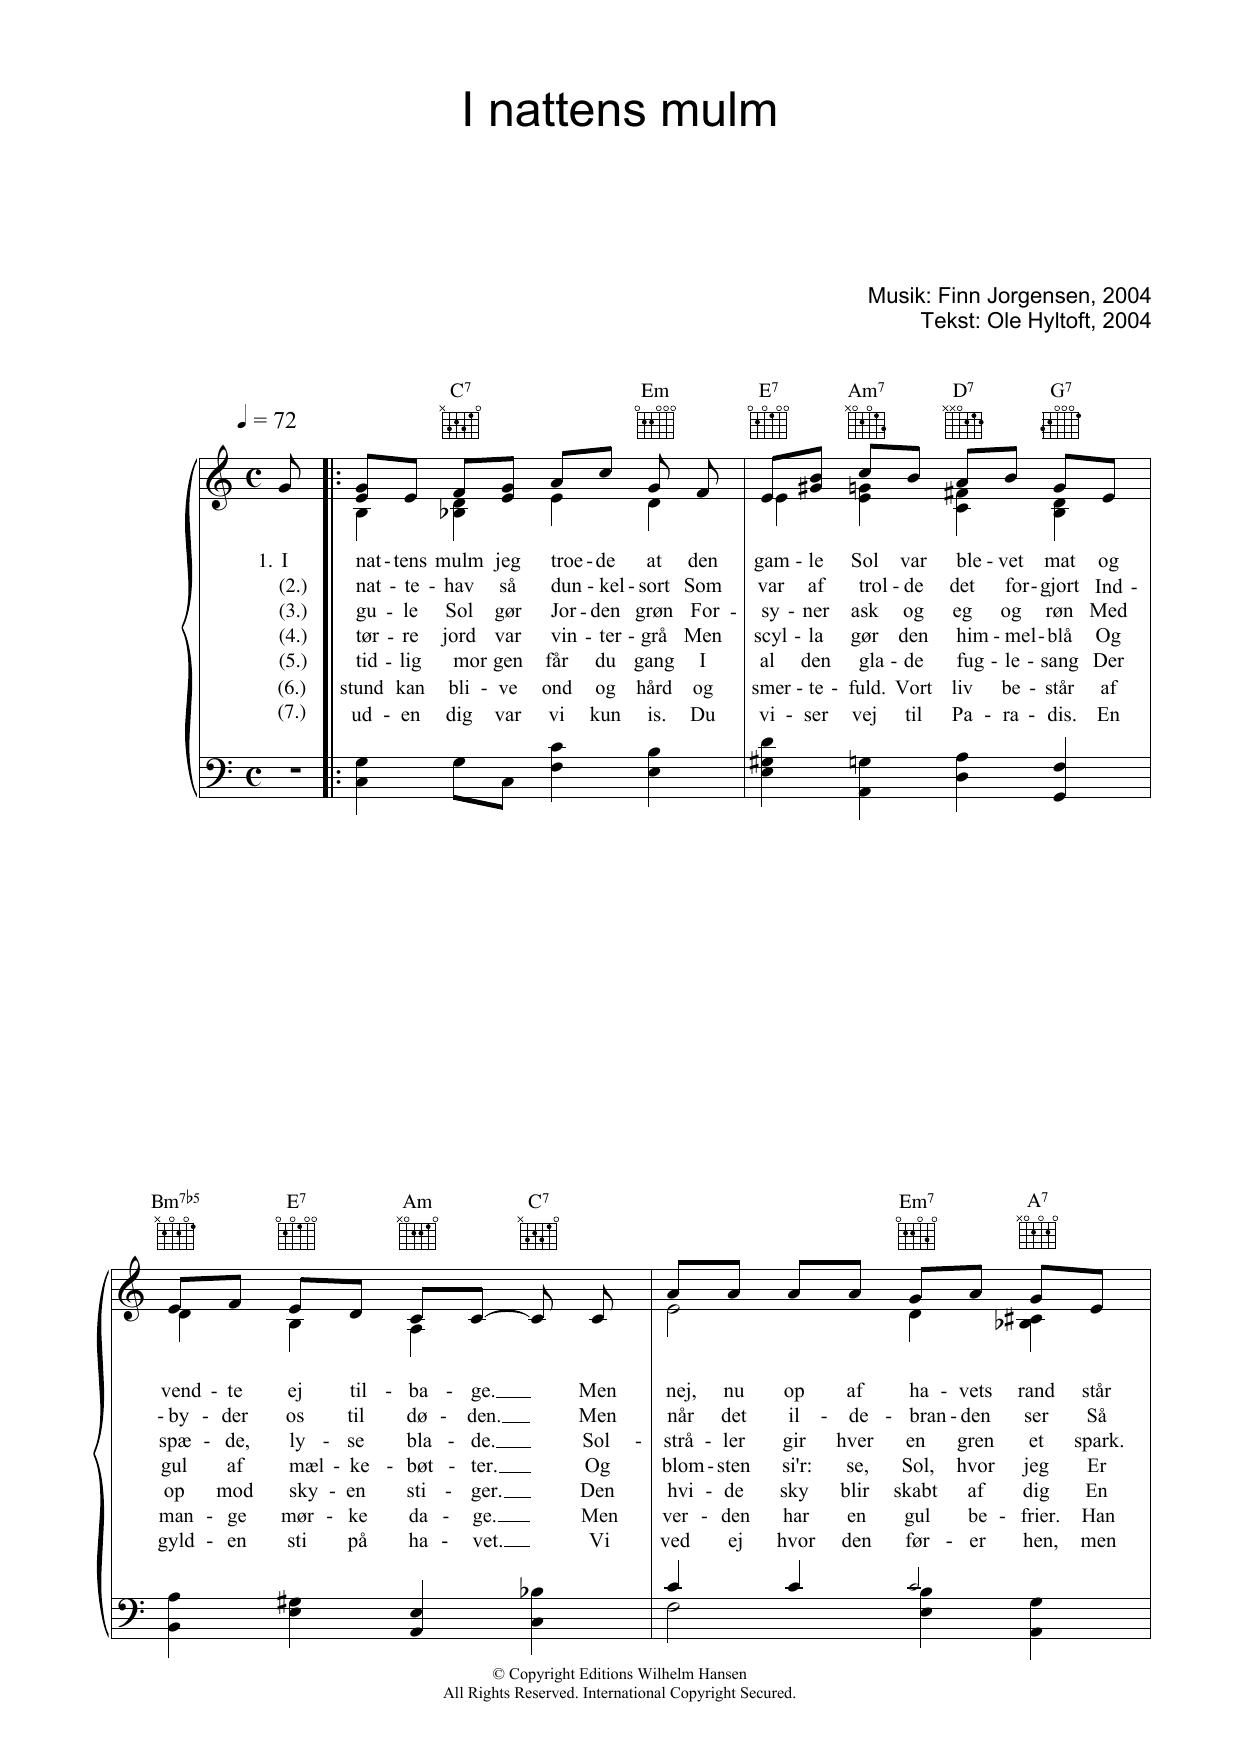 I Nattens Mulm sheet music